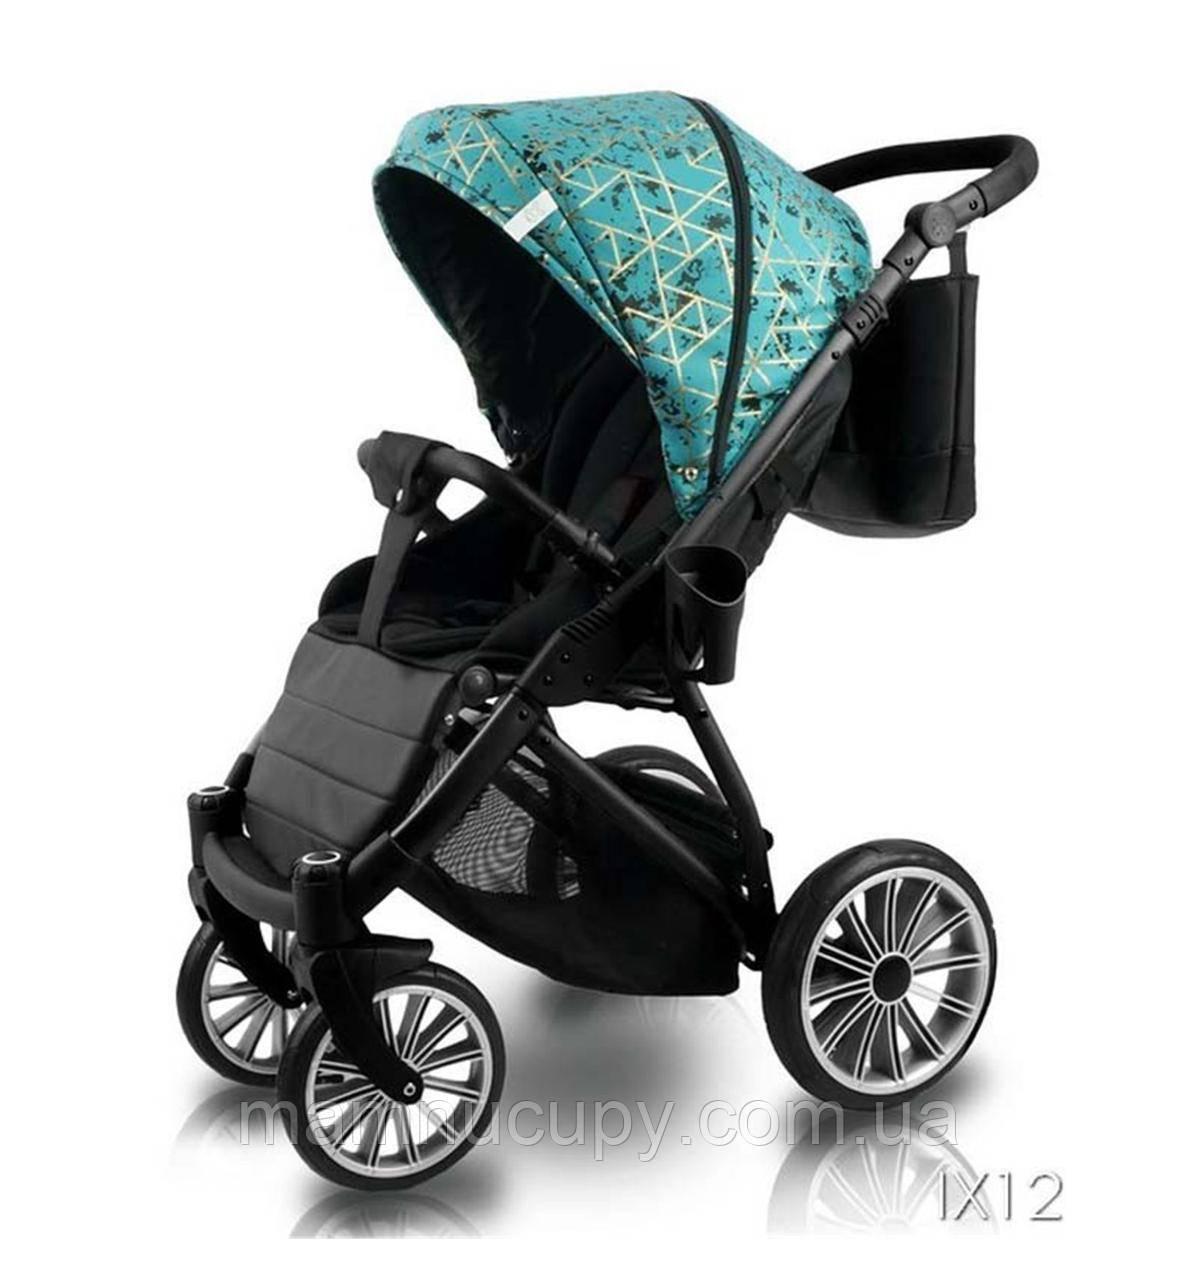 Детская прогулочная коляска Bexa IX12